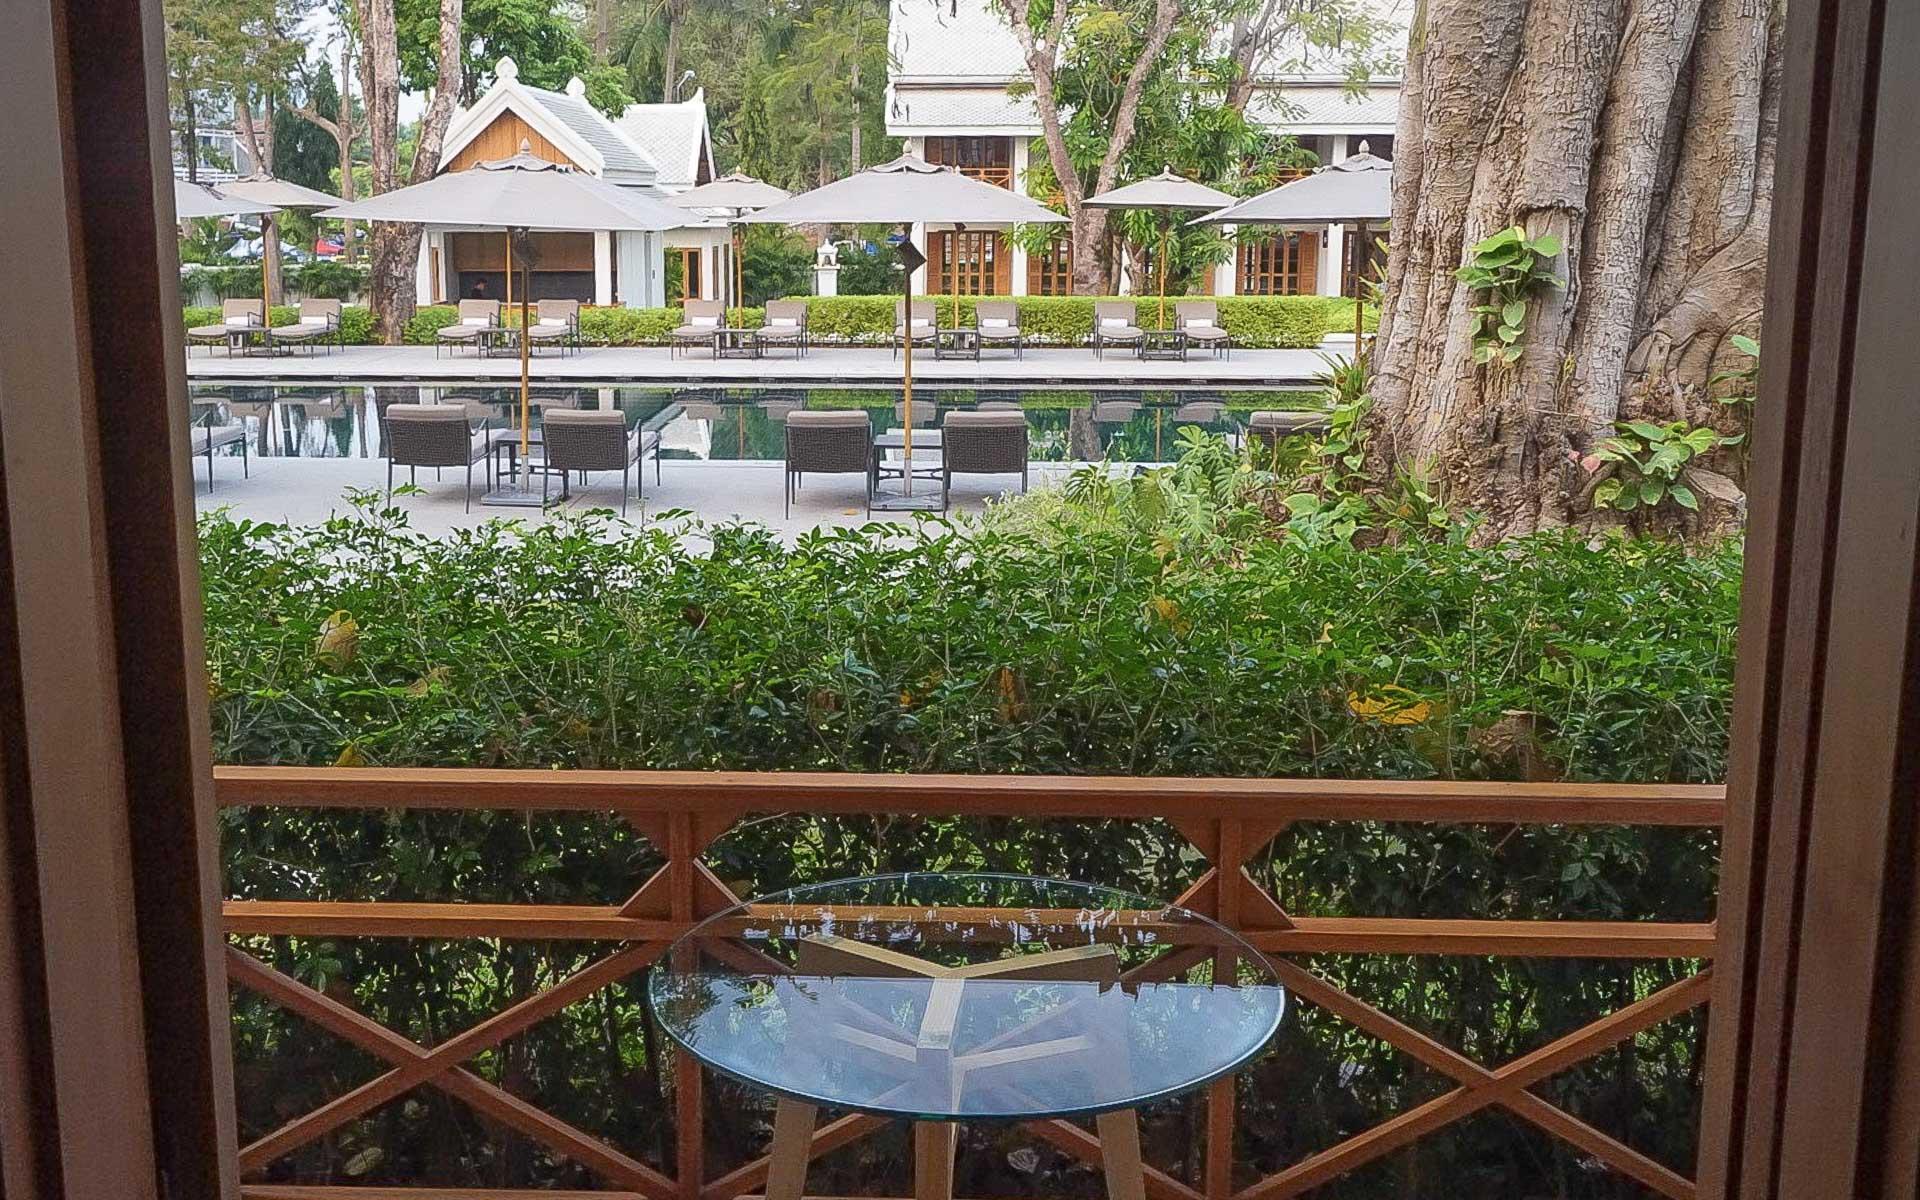 Lesvoyageuses-voyager-au-laos-luang-prabang-avani-hotel-6